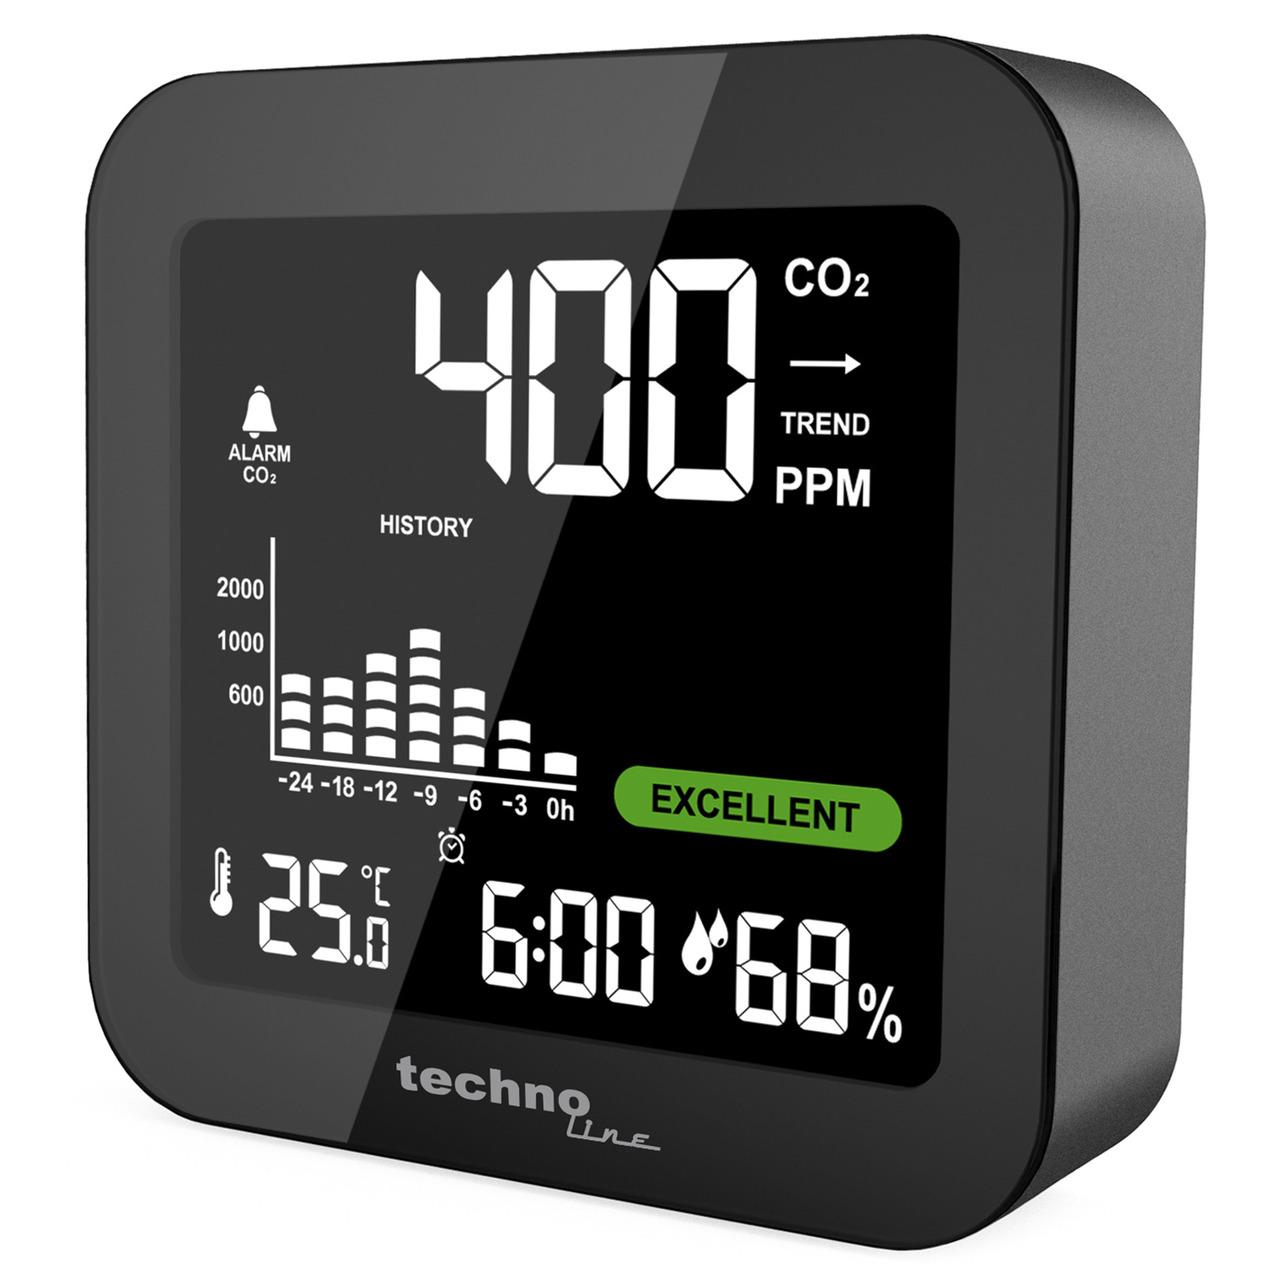 technoline CO2-Messgerät - CO2-Anzeige WL1025- Kohlendioxid- Ampel-Anzeige- Akku